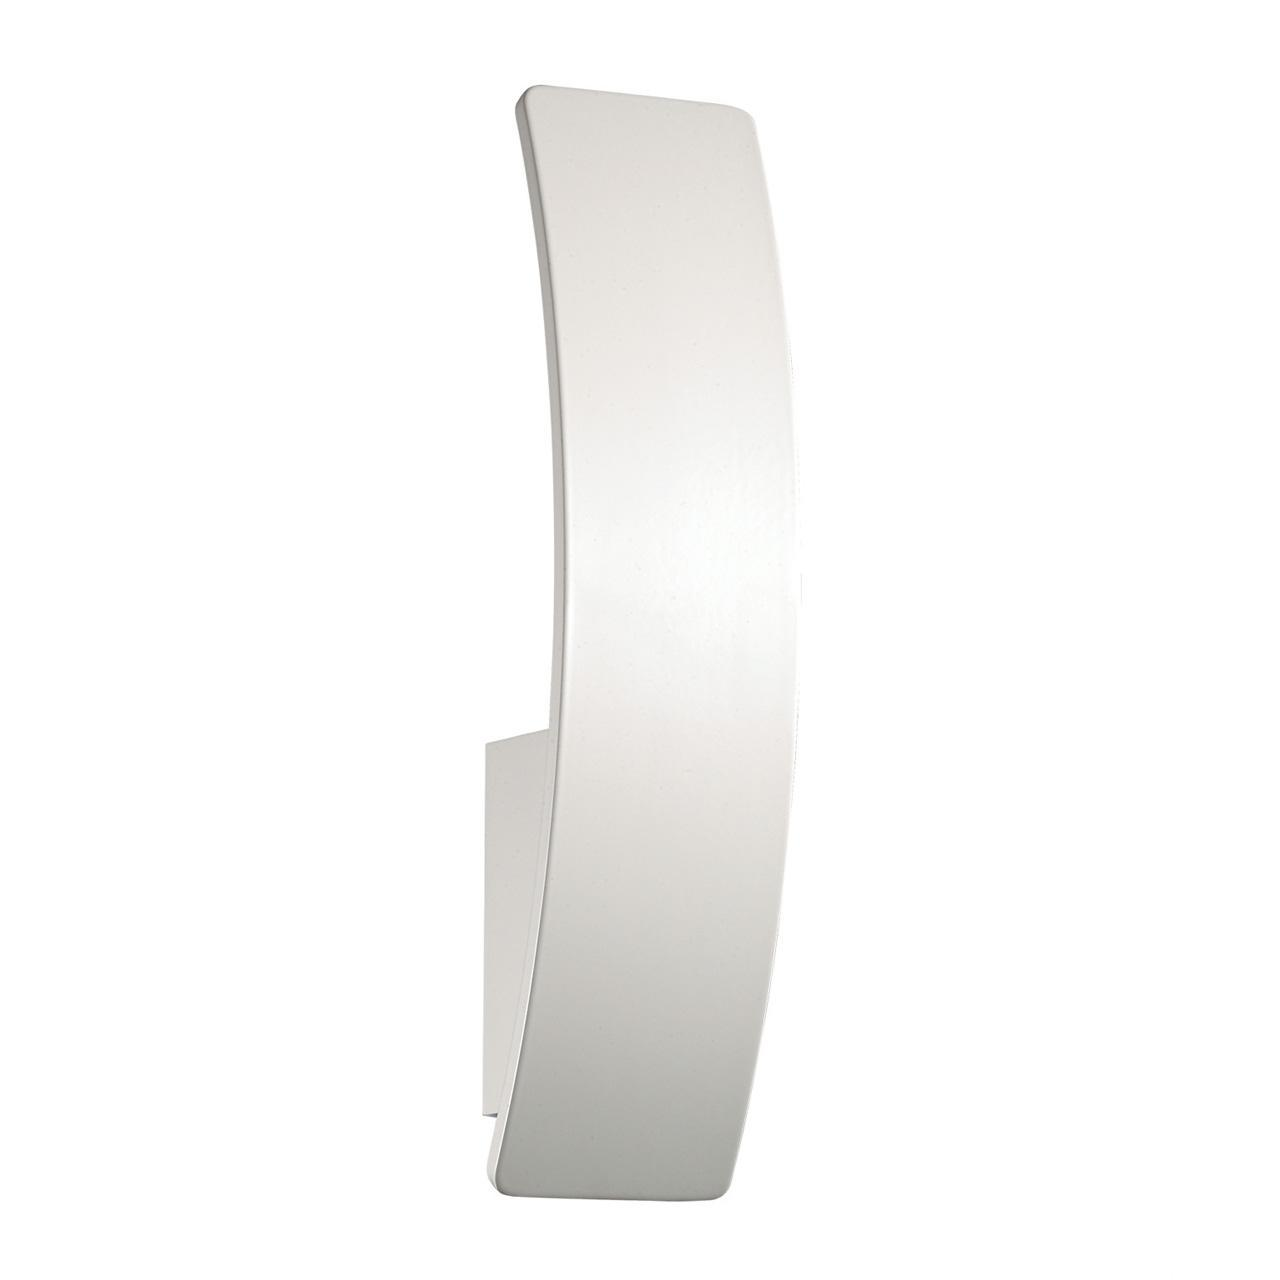 Настенный светильник Ideal Lux Vela AP1 Bianco настенный светильник ideal lux vela ap1 bianco